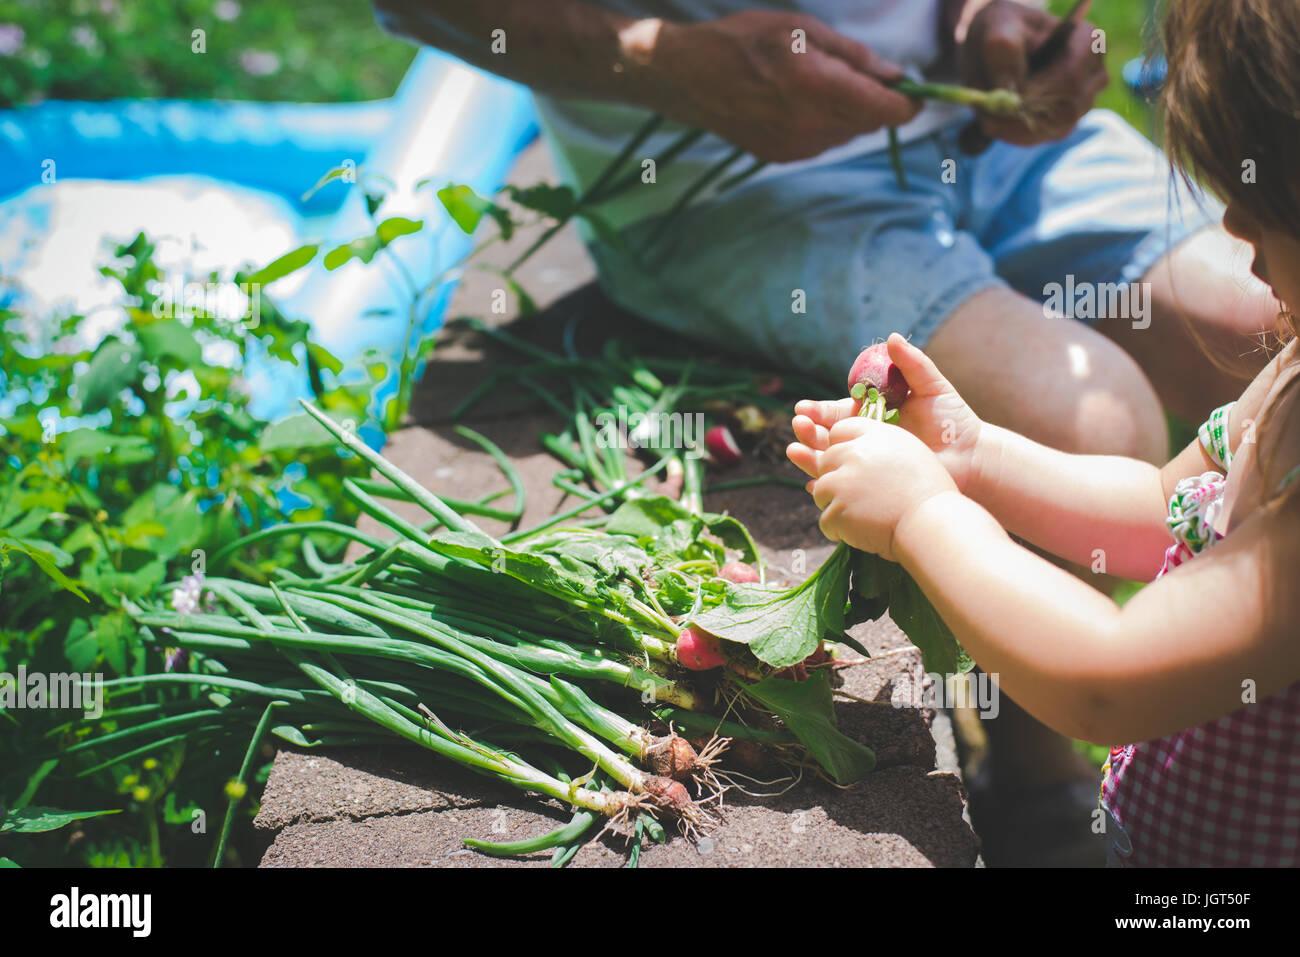 Un grand-père coupe légumes frais du jardin avec sa petite-fille. Photo Stock